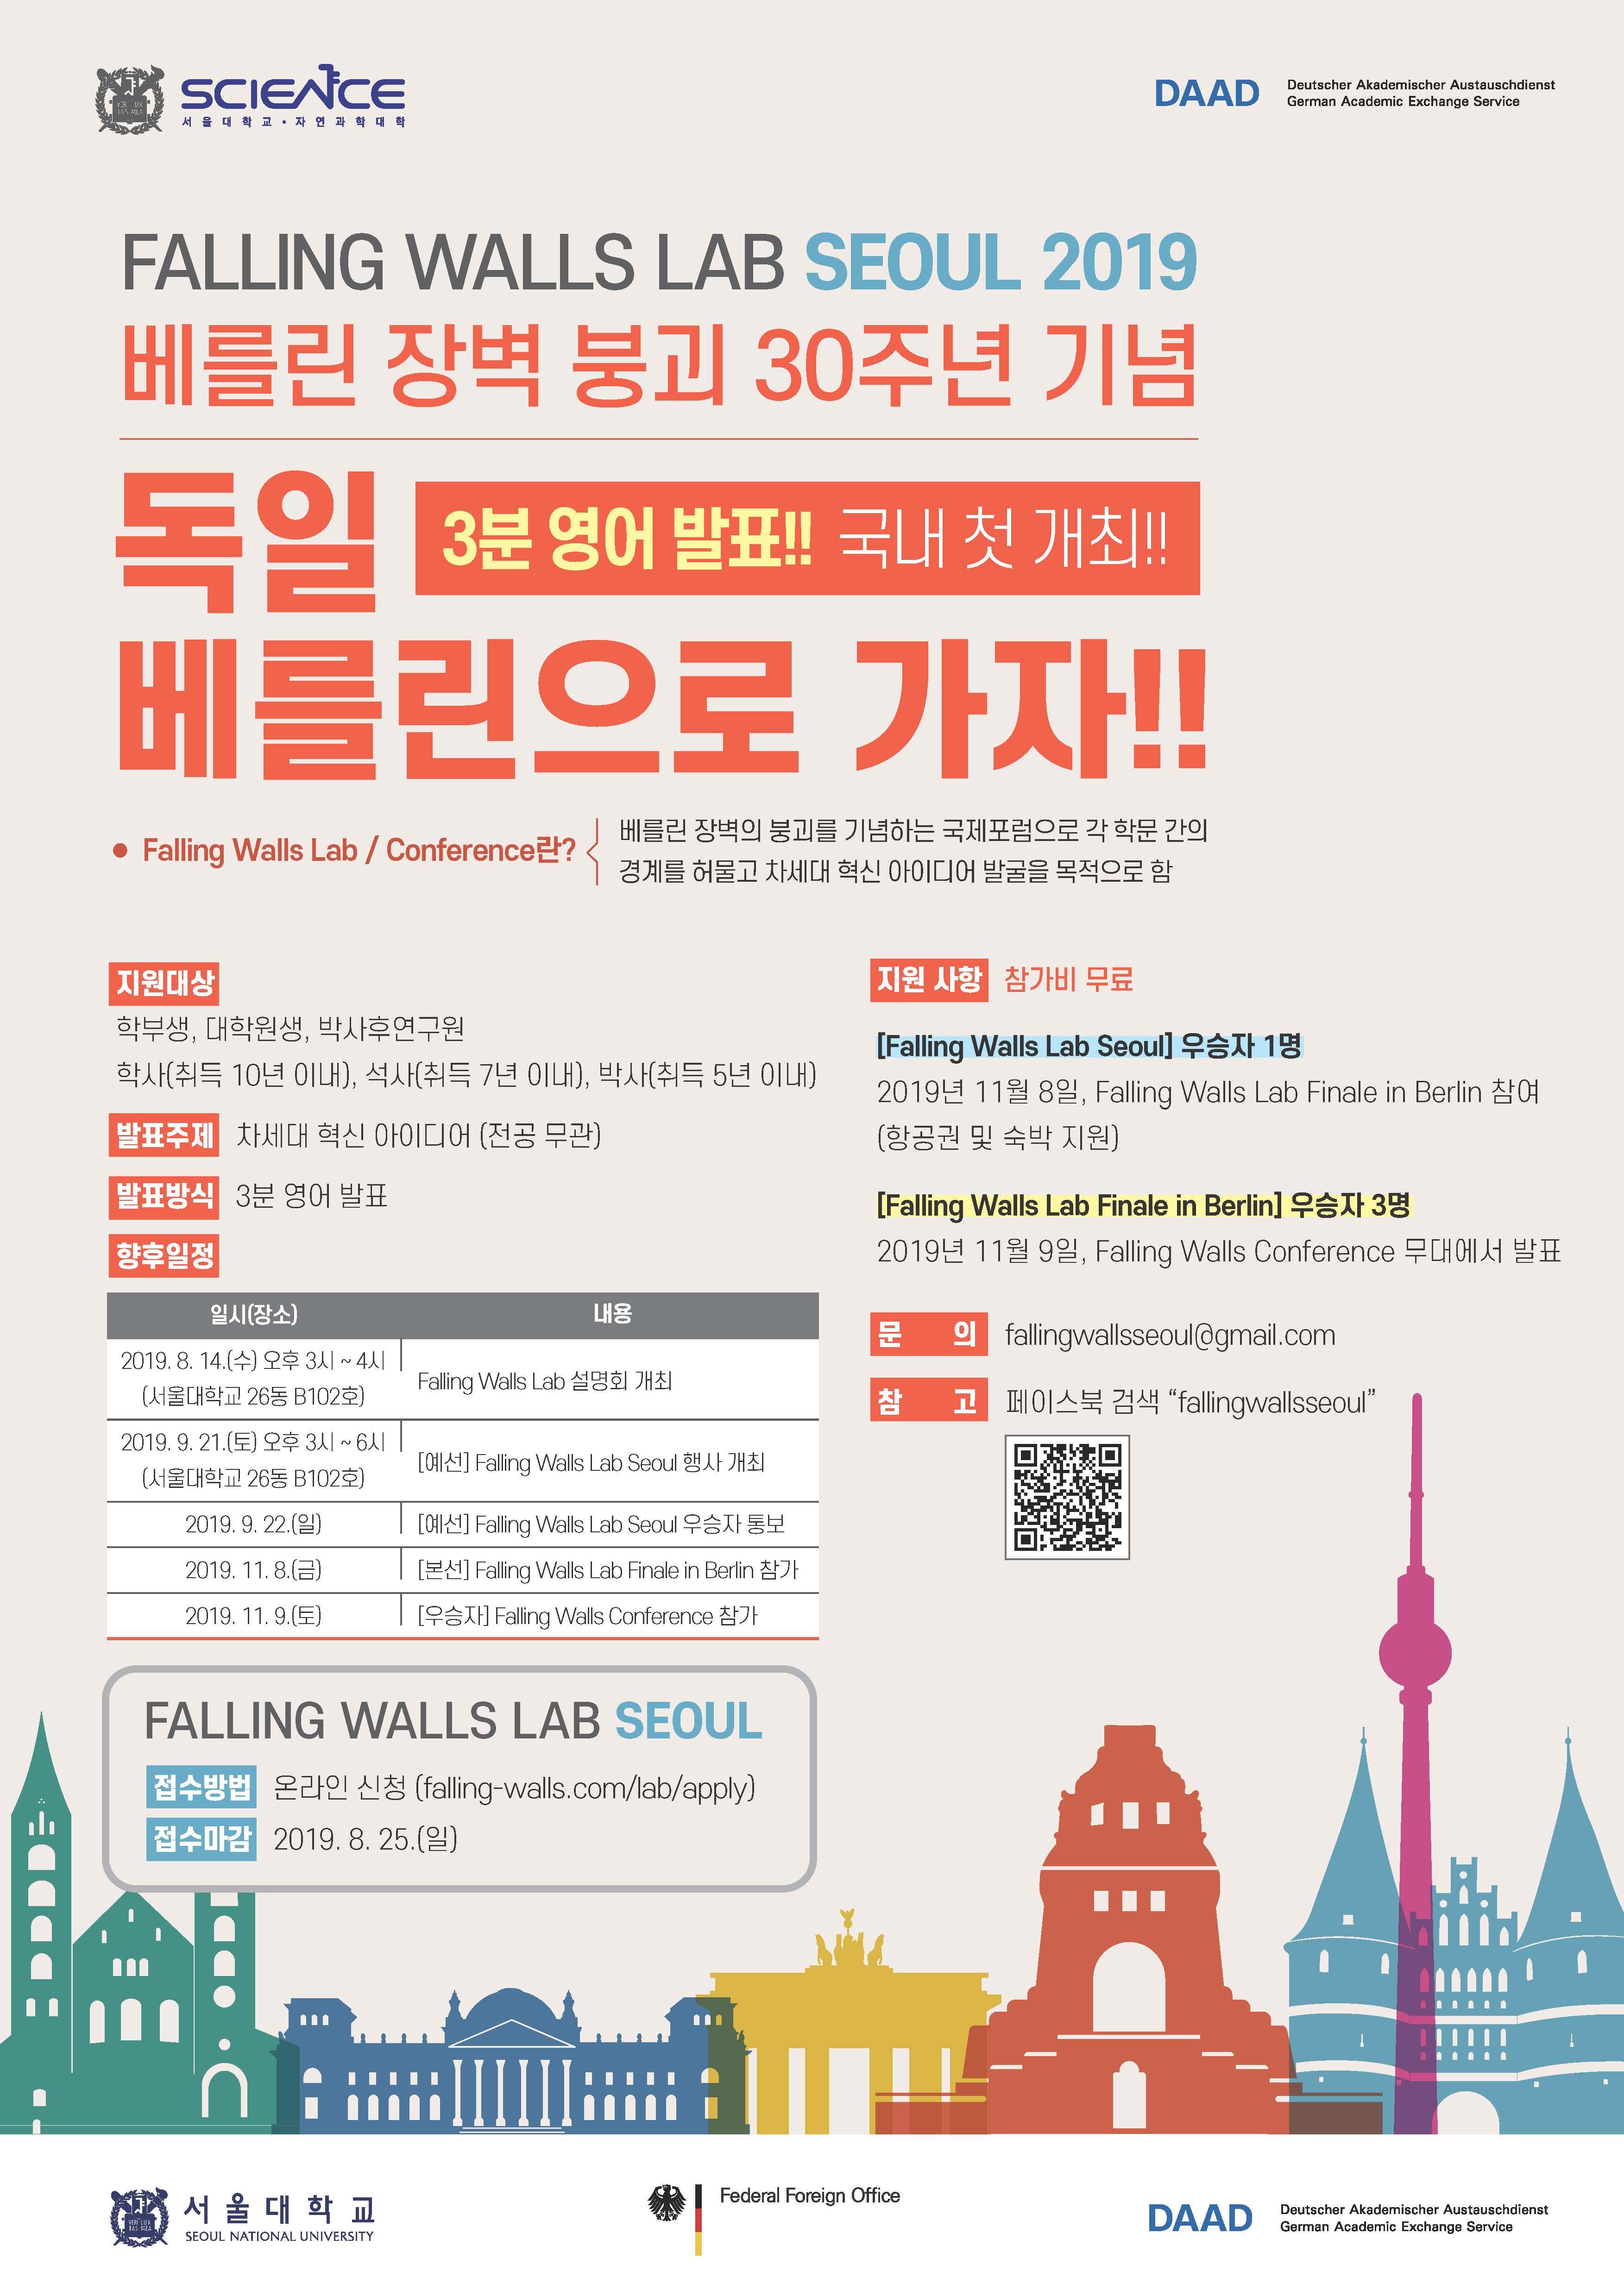 [붙임] Falling Walls Lab Seoul 2019 포스터.jpg